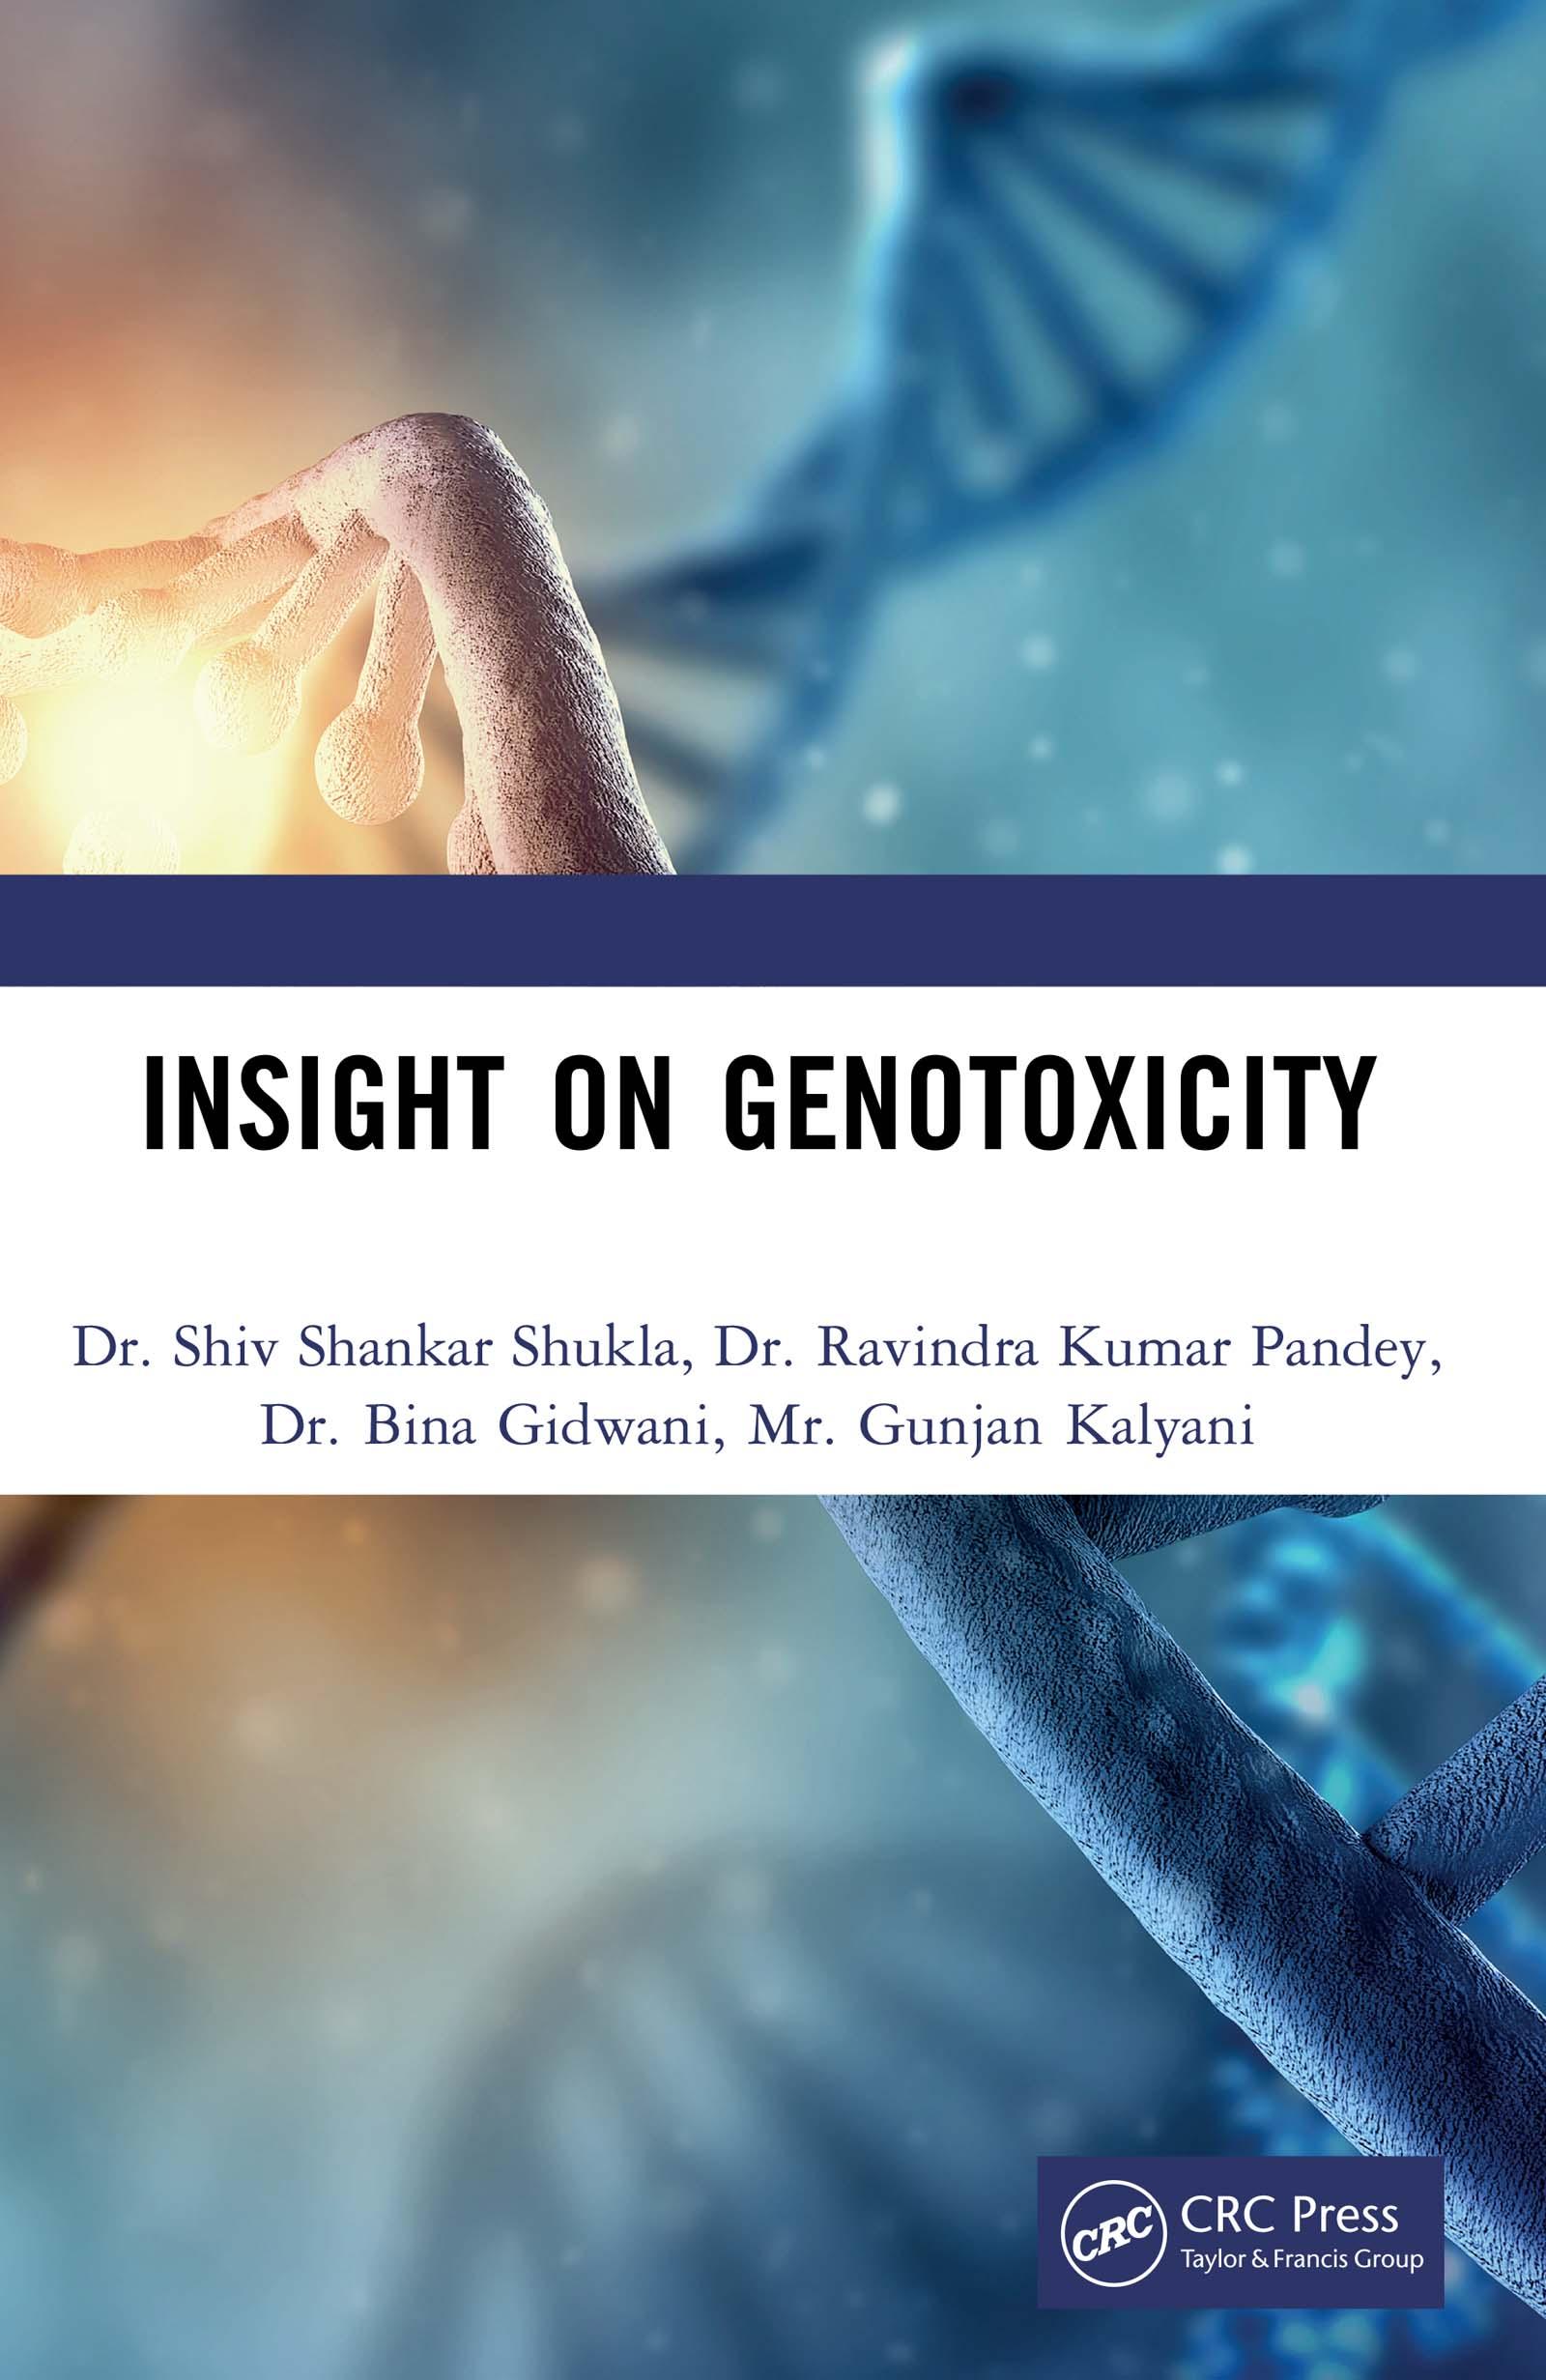 Insight on Genotoxicity